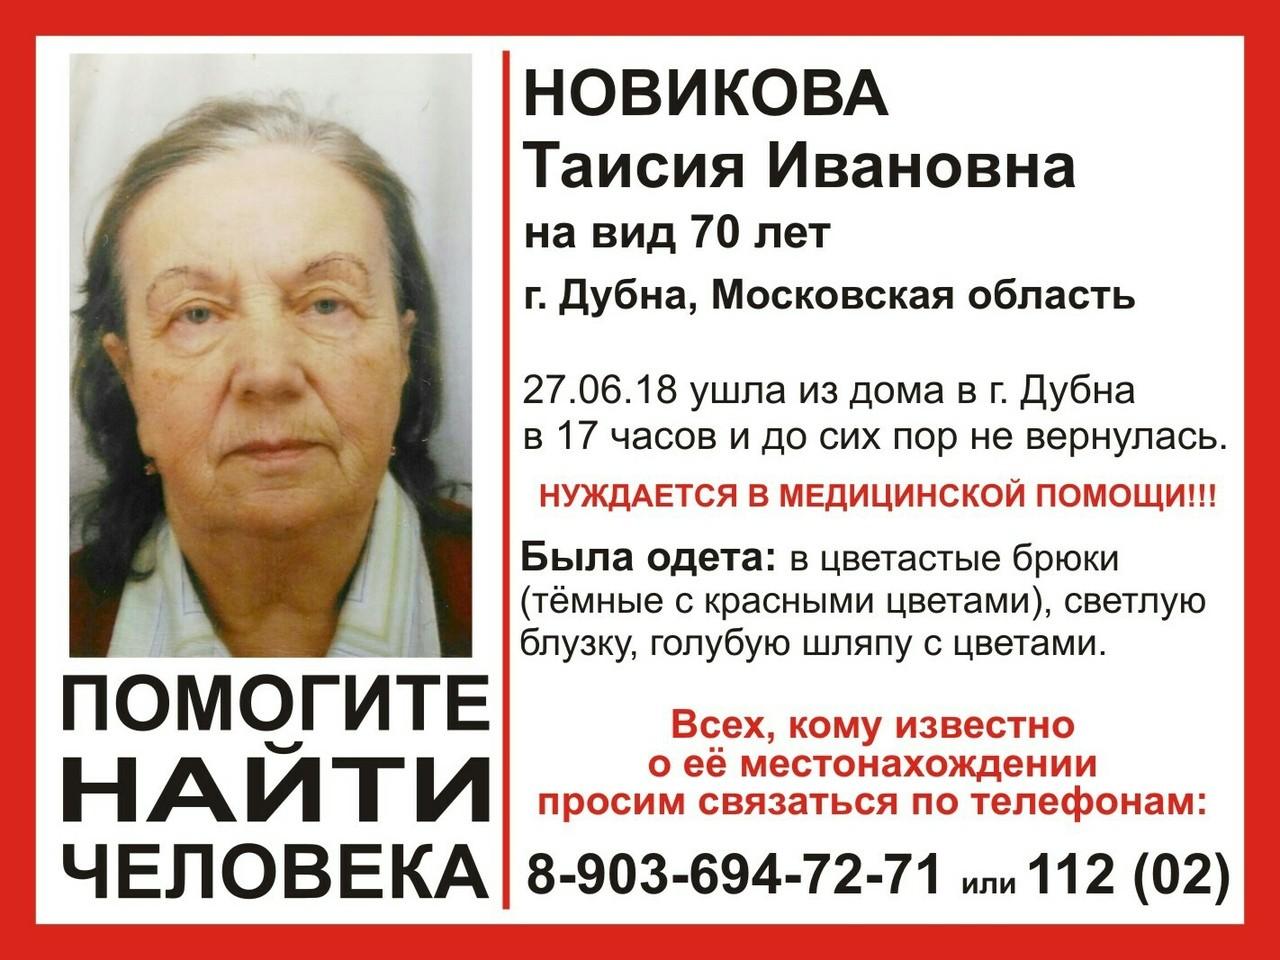 Женщина, пропавшая в подмосковной Дубне, может находиться в Тверской области [Найдена, погибла]